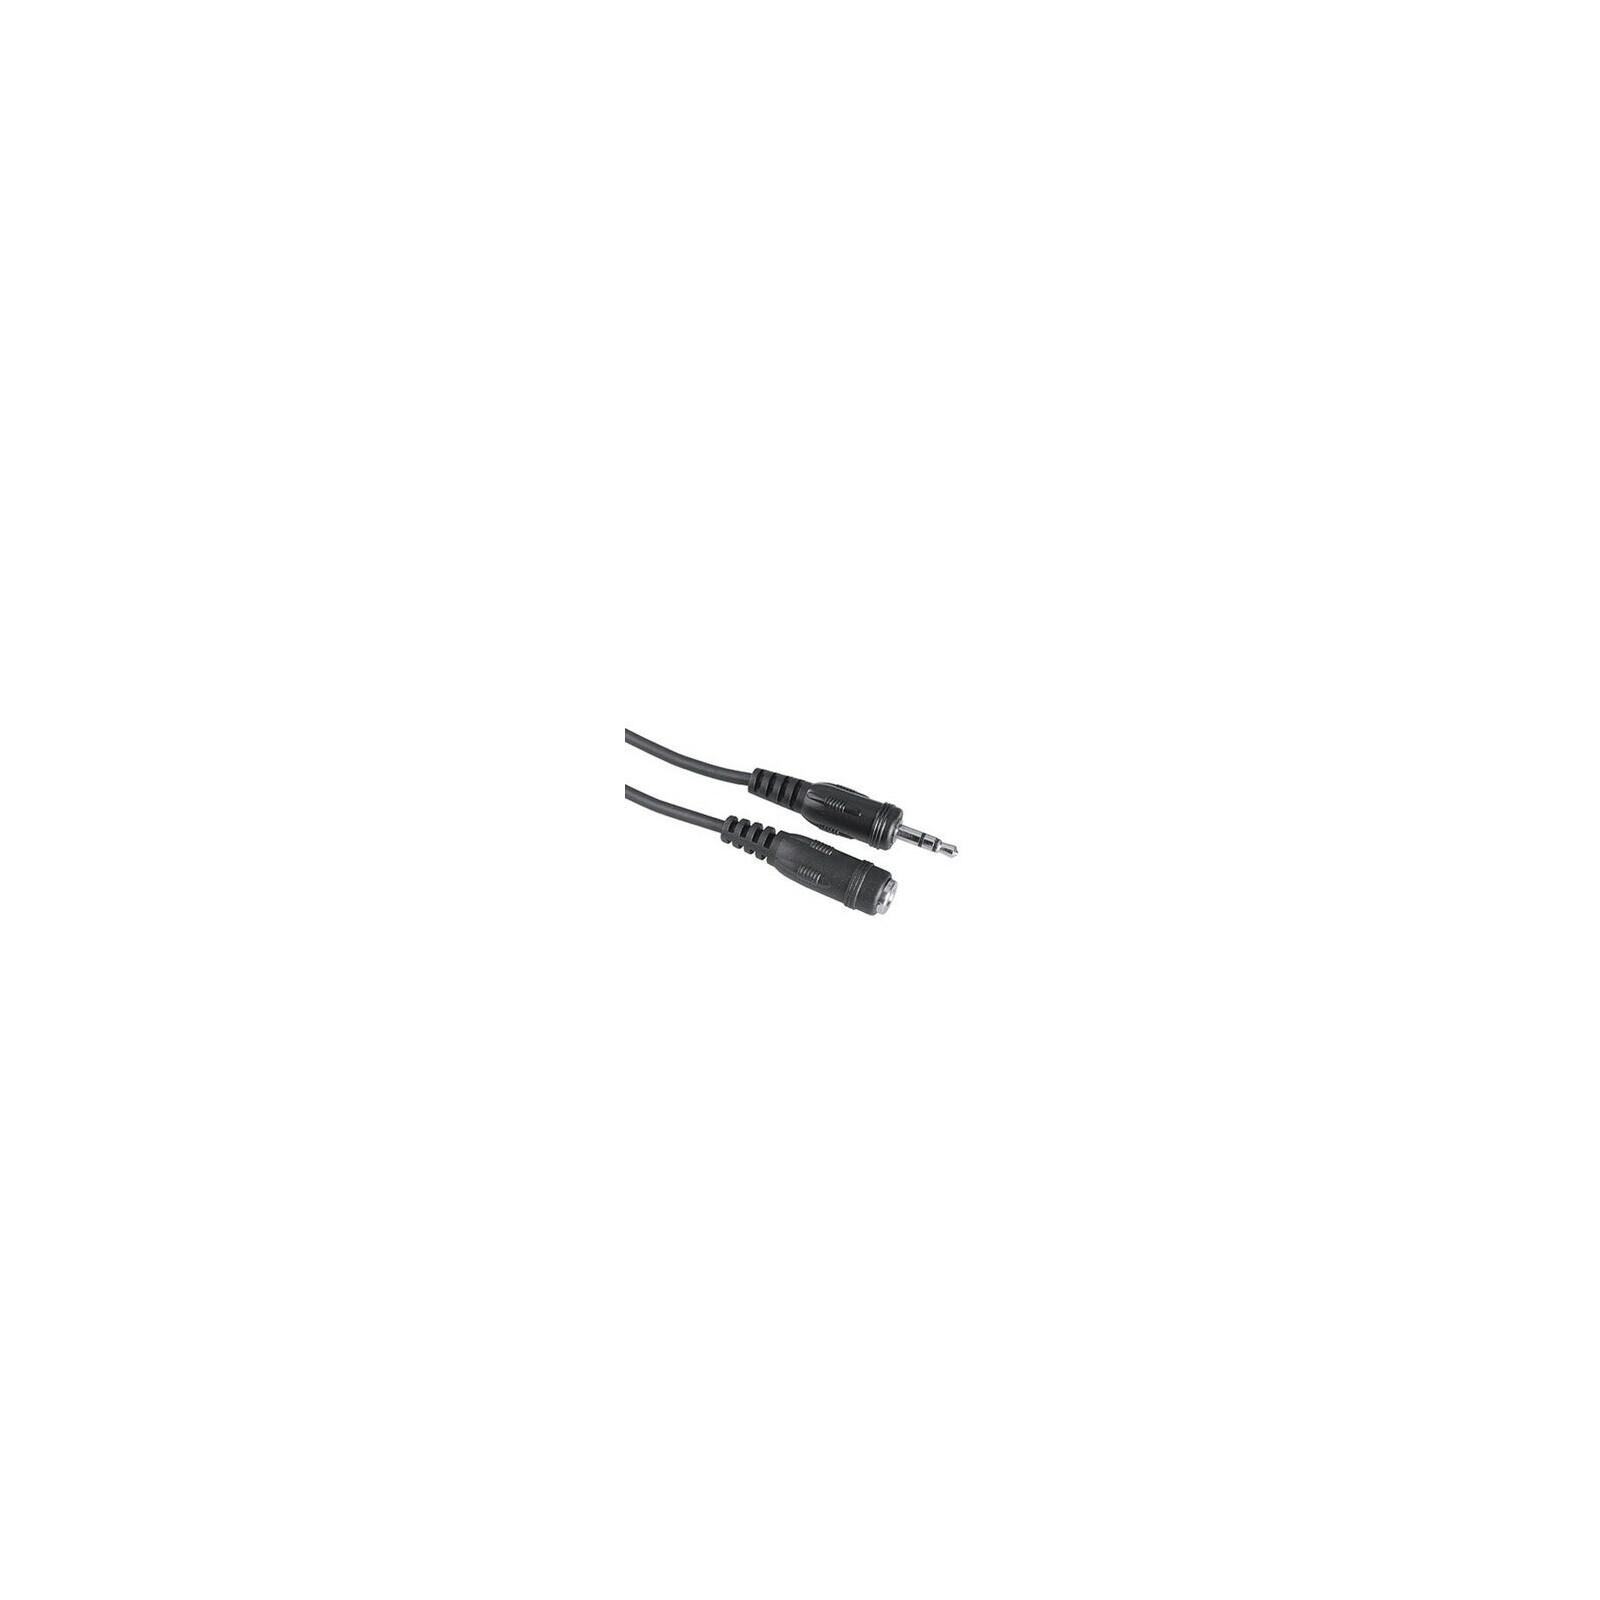 Hama 43300Audio-Kabel 3,5-mm-Klinken-Stecker/Kupplung, Stere